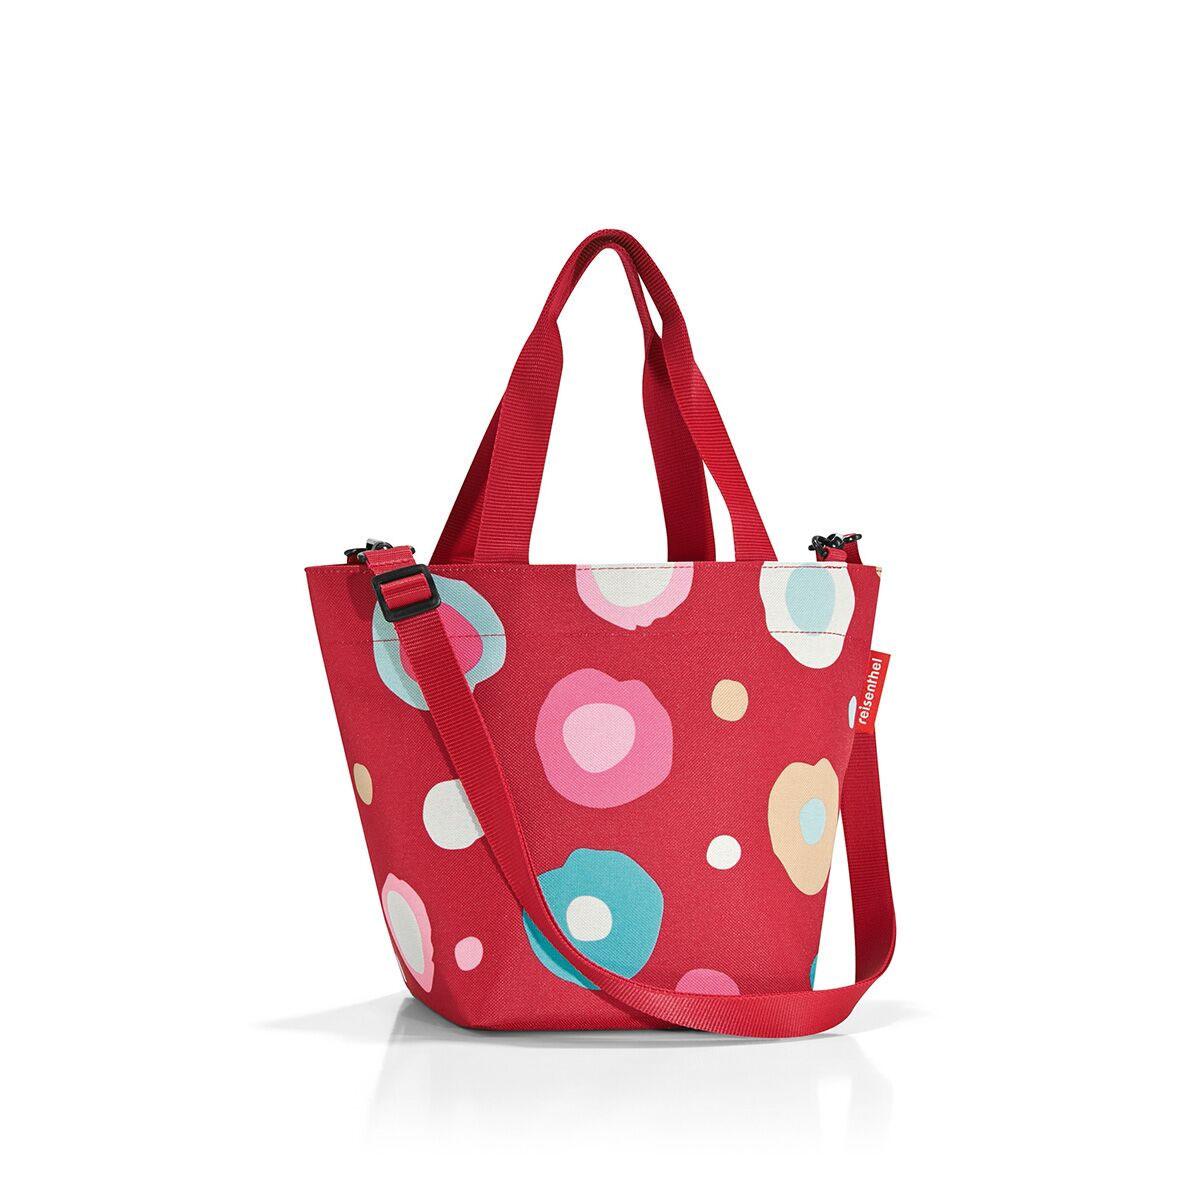 Сумка-шоппер жен. Reisenthel, цвет: красный. ZR3048ZR3048Уменьшенная версия классической сумки. Симпатичная сумка для похода в магазин: широкие удобные лямки распряделяют нагрузку на плече, а объем 4 литра позволяет вместить необходимый батон хлеба, пакет молока и другие вкусности. Застегивается на молнию. Внутри - кармашек на молнии для мелочей. Две ручки плюс ремешок с регулируемой длиной. Специальное уплотненное днище для стабильности. Серия special edition - это лимитированные модели сумок с уникальными принтами. Сочетают расцветки разных коллекций, а также имеют вышивку и аппликацию.